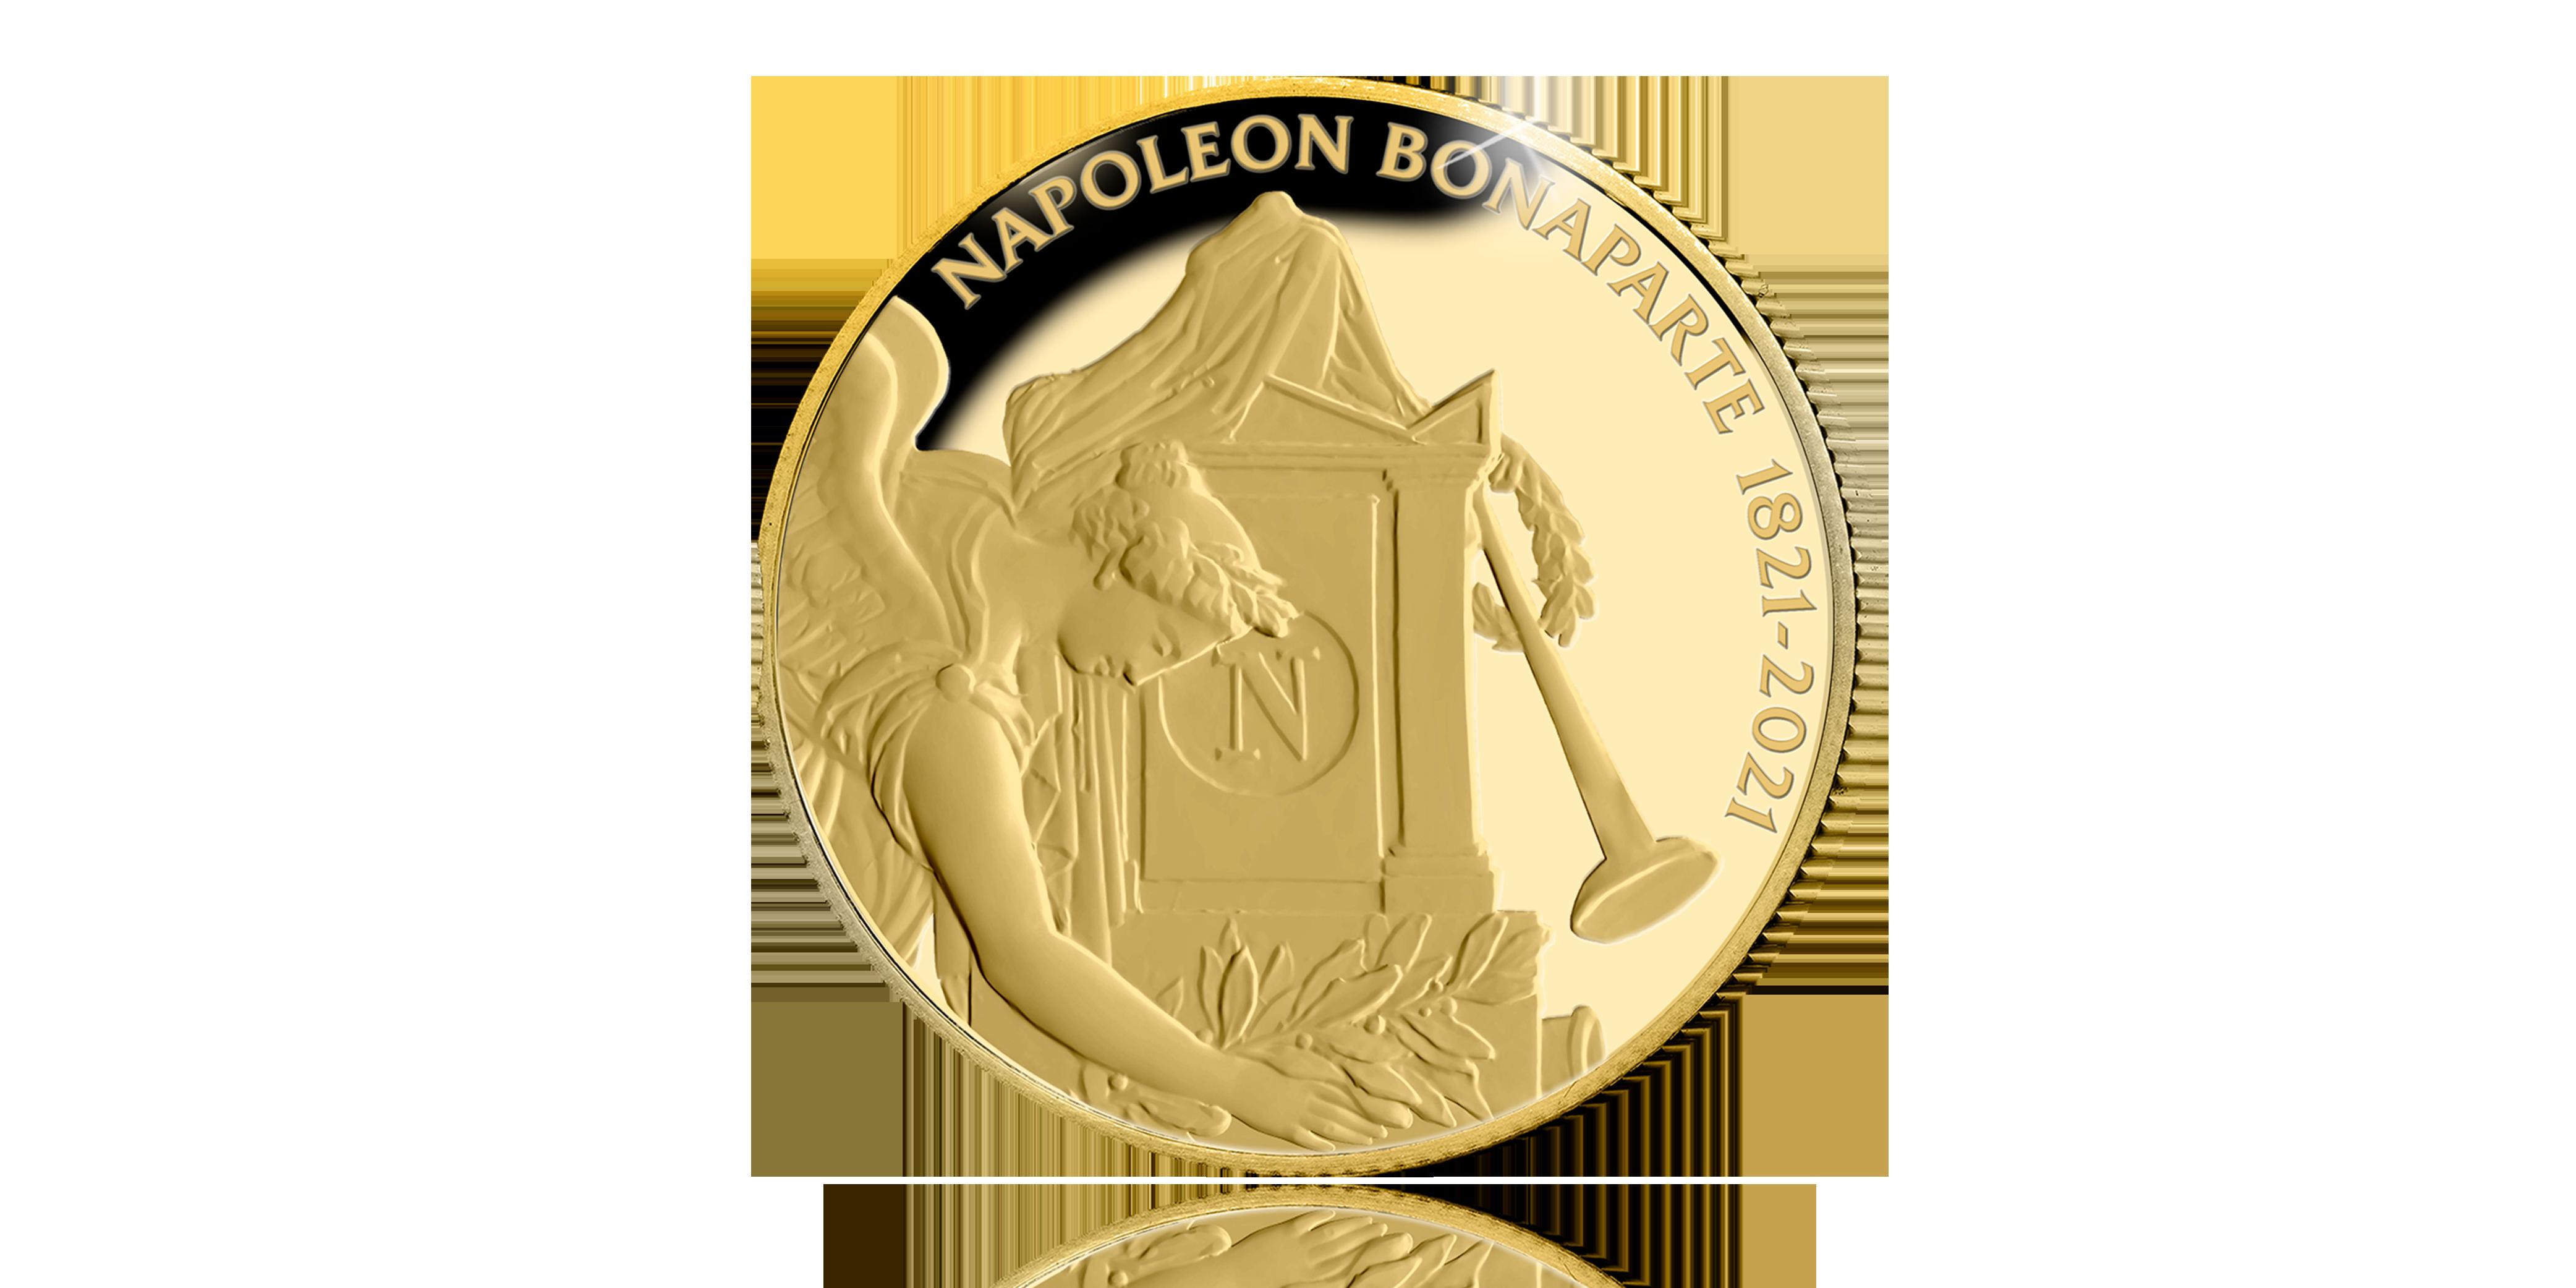 Herdenk de 200ste sterfjaar van Napoleon Bonaparte met een 24-karaats gouden munt voorzijde